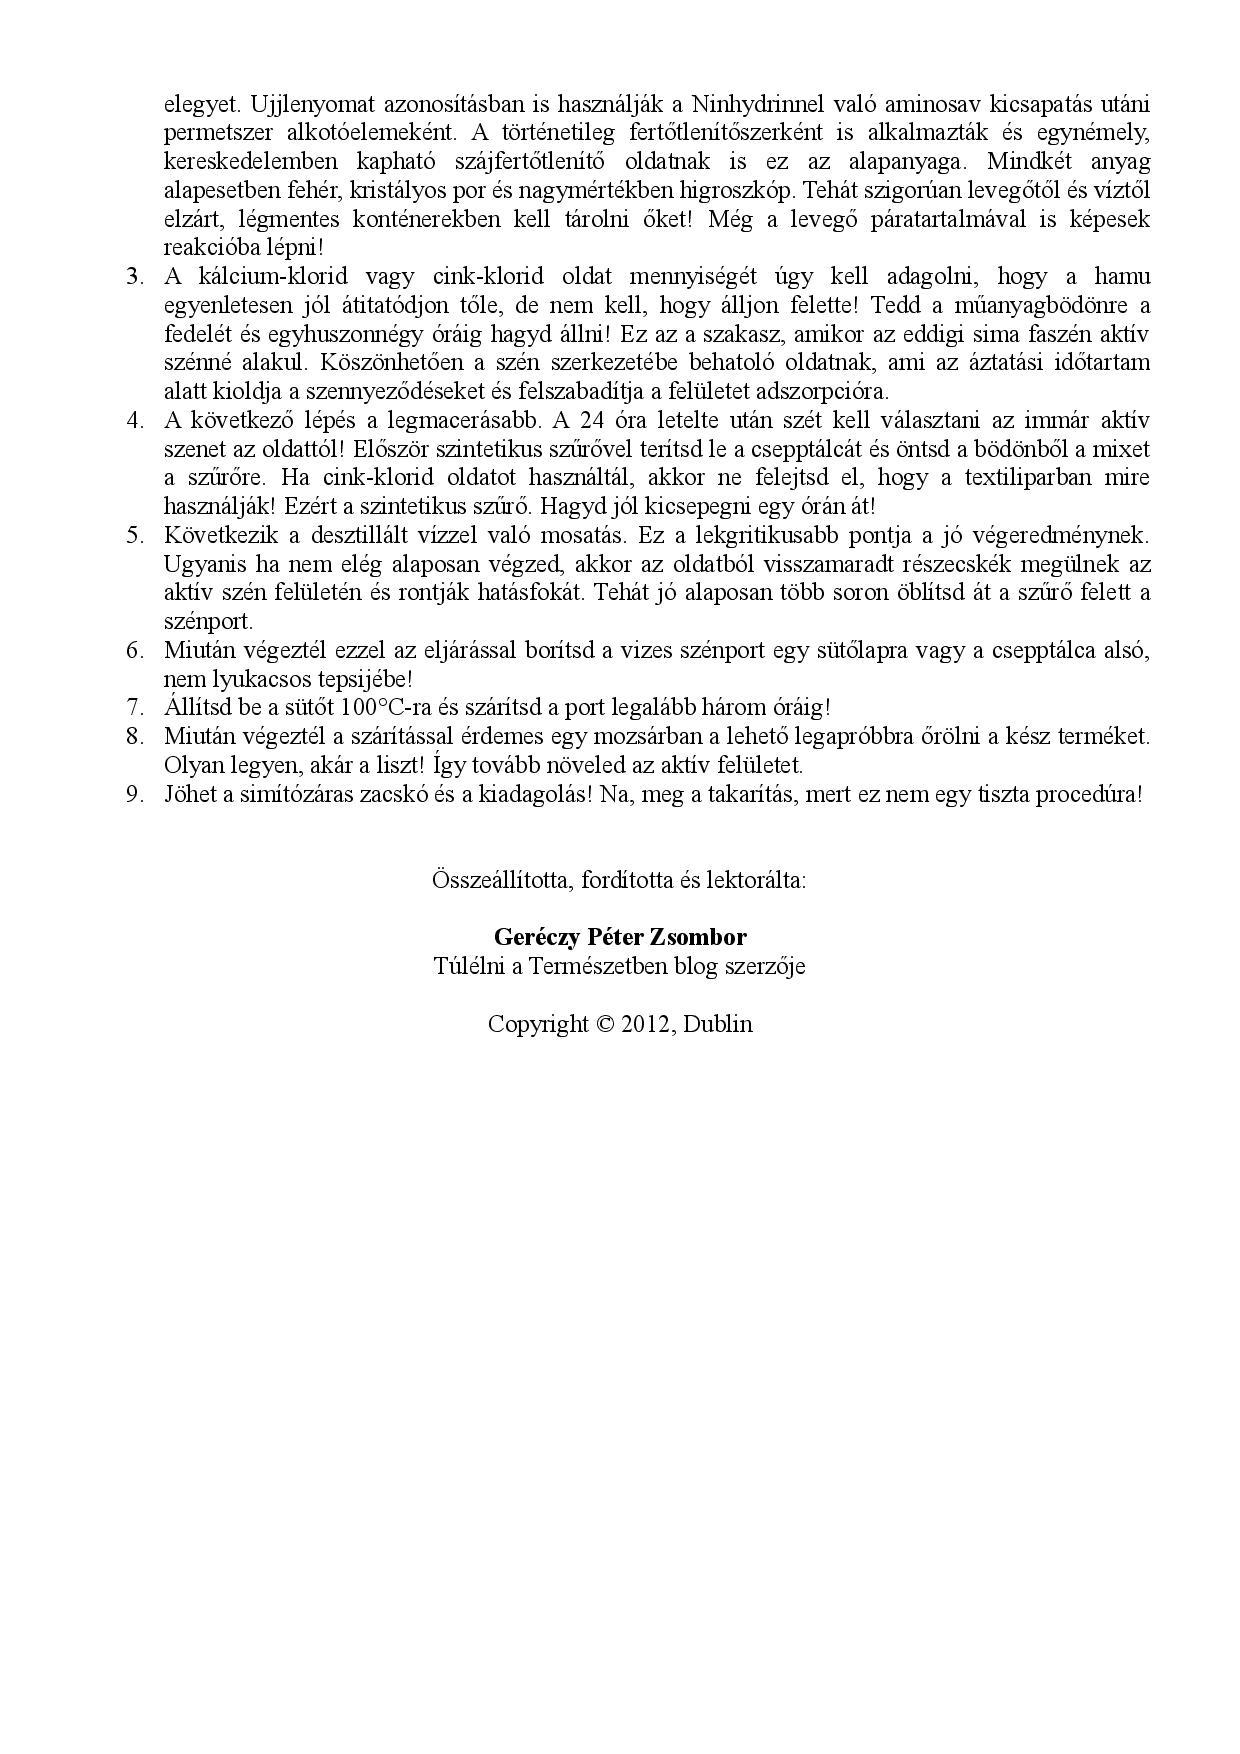 aktiv_szenpor_hazilag-page-02_1.jpg